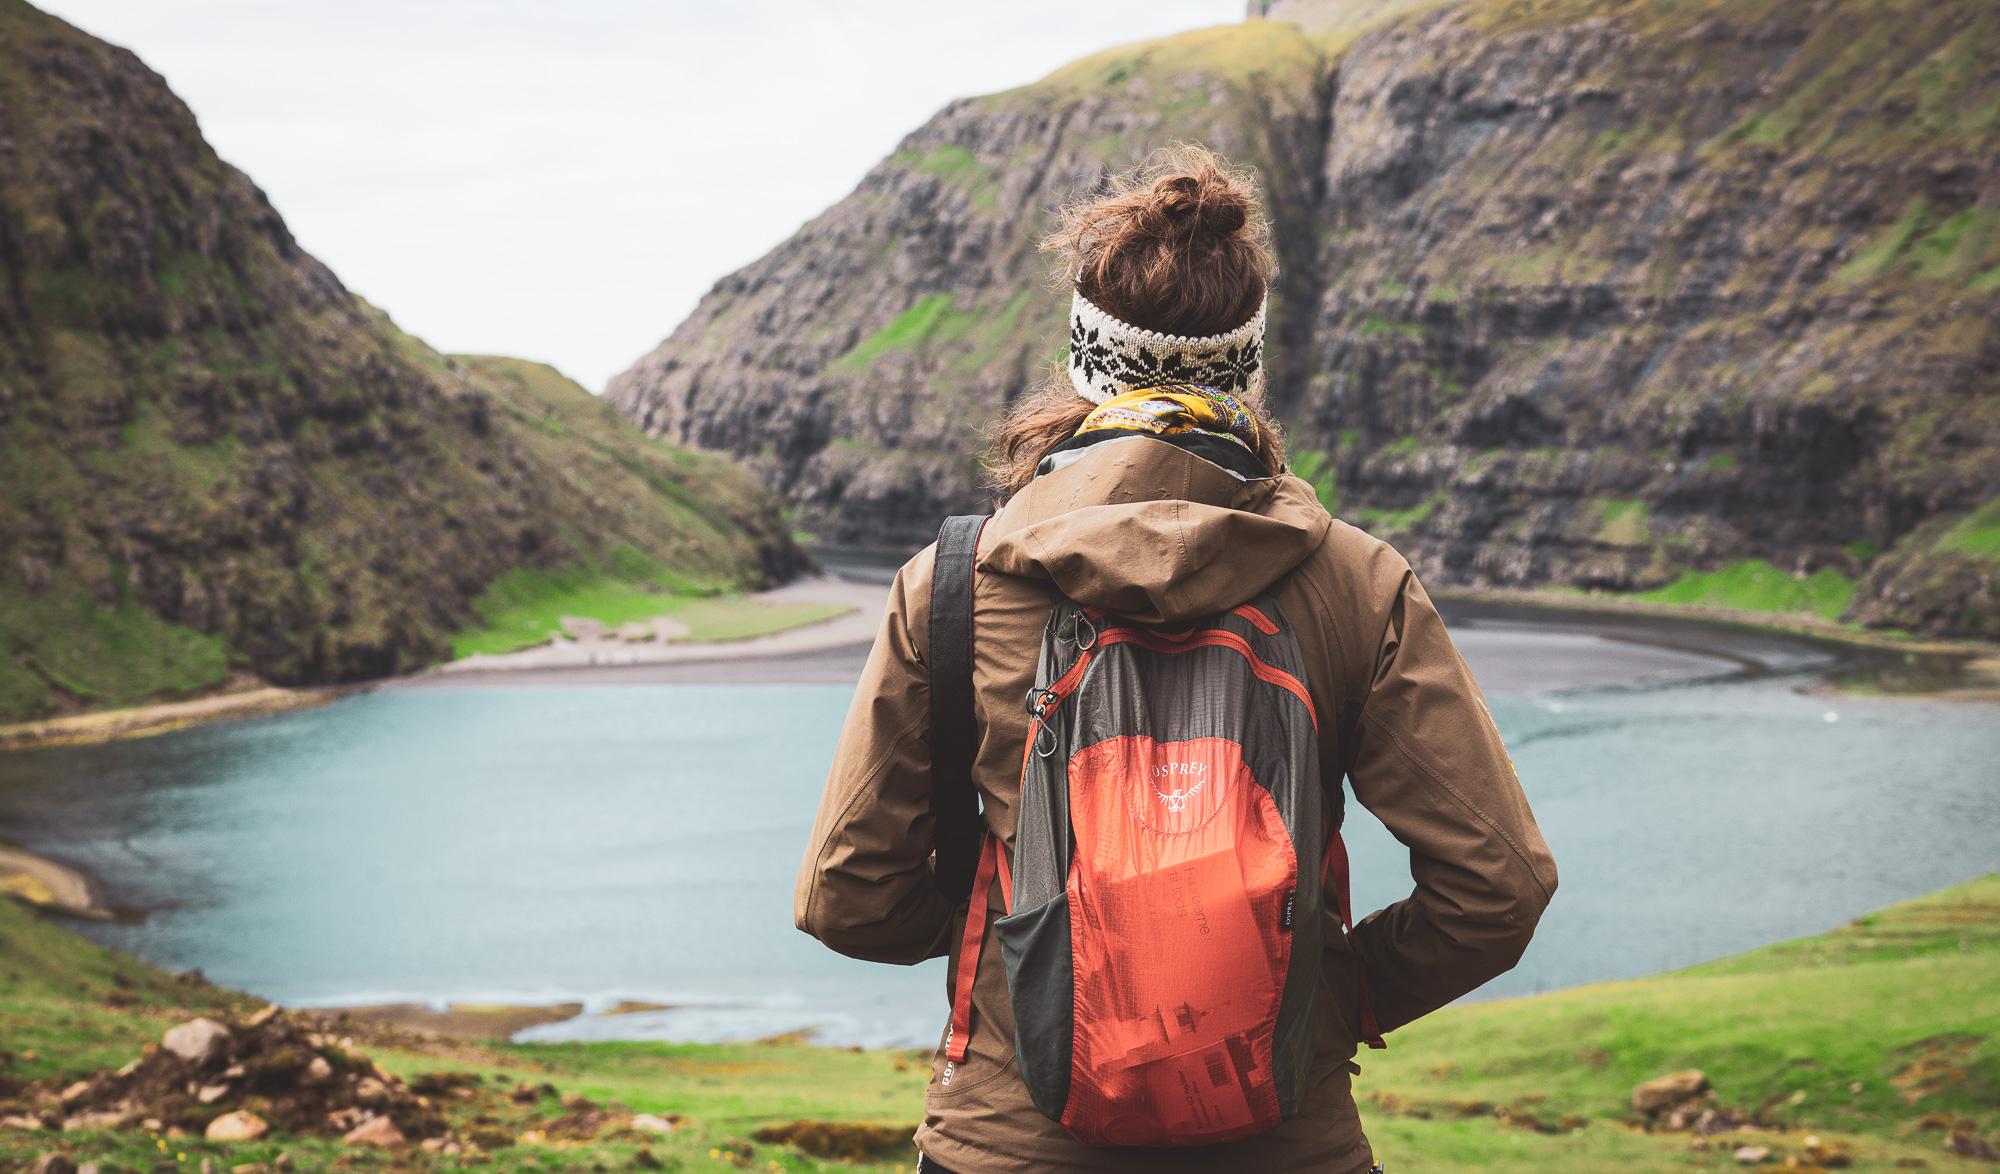 bærekraftige-strategier-unngå-masseturisme-refleksjoner-færøyene